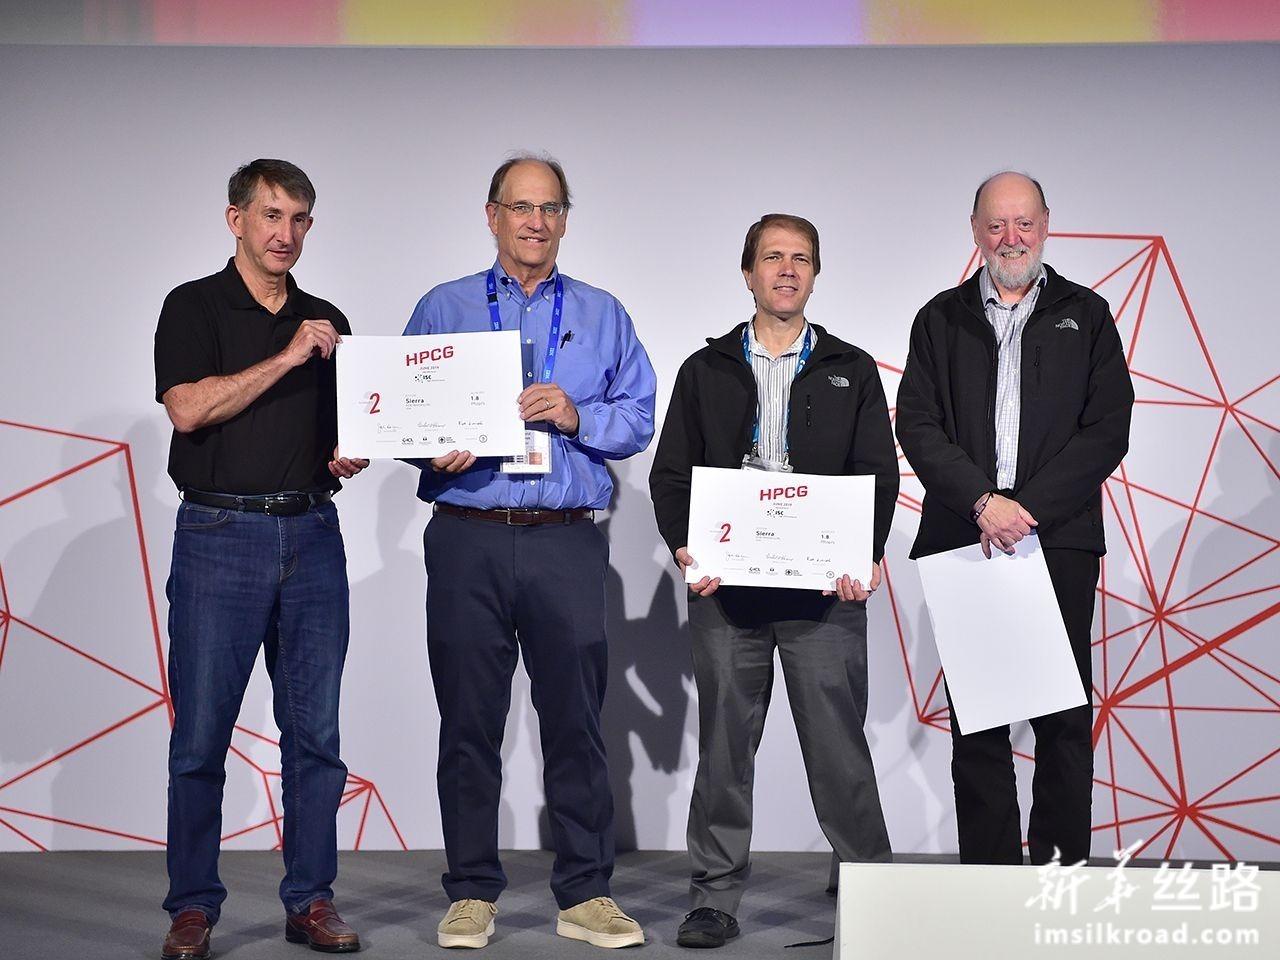 """6月17日,在德国法兰克福,美国能源部下属劳伦斯利弗莫尔国家实验室开发的""""山脊""""团队代表上台领取证书。新华社记者 逯阳 摄"""